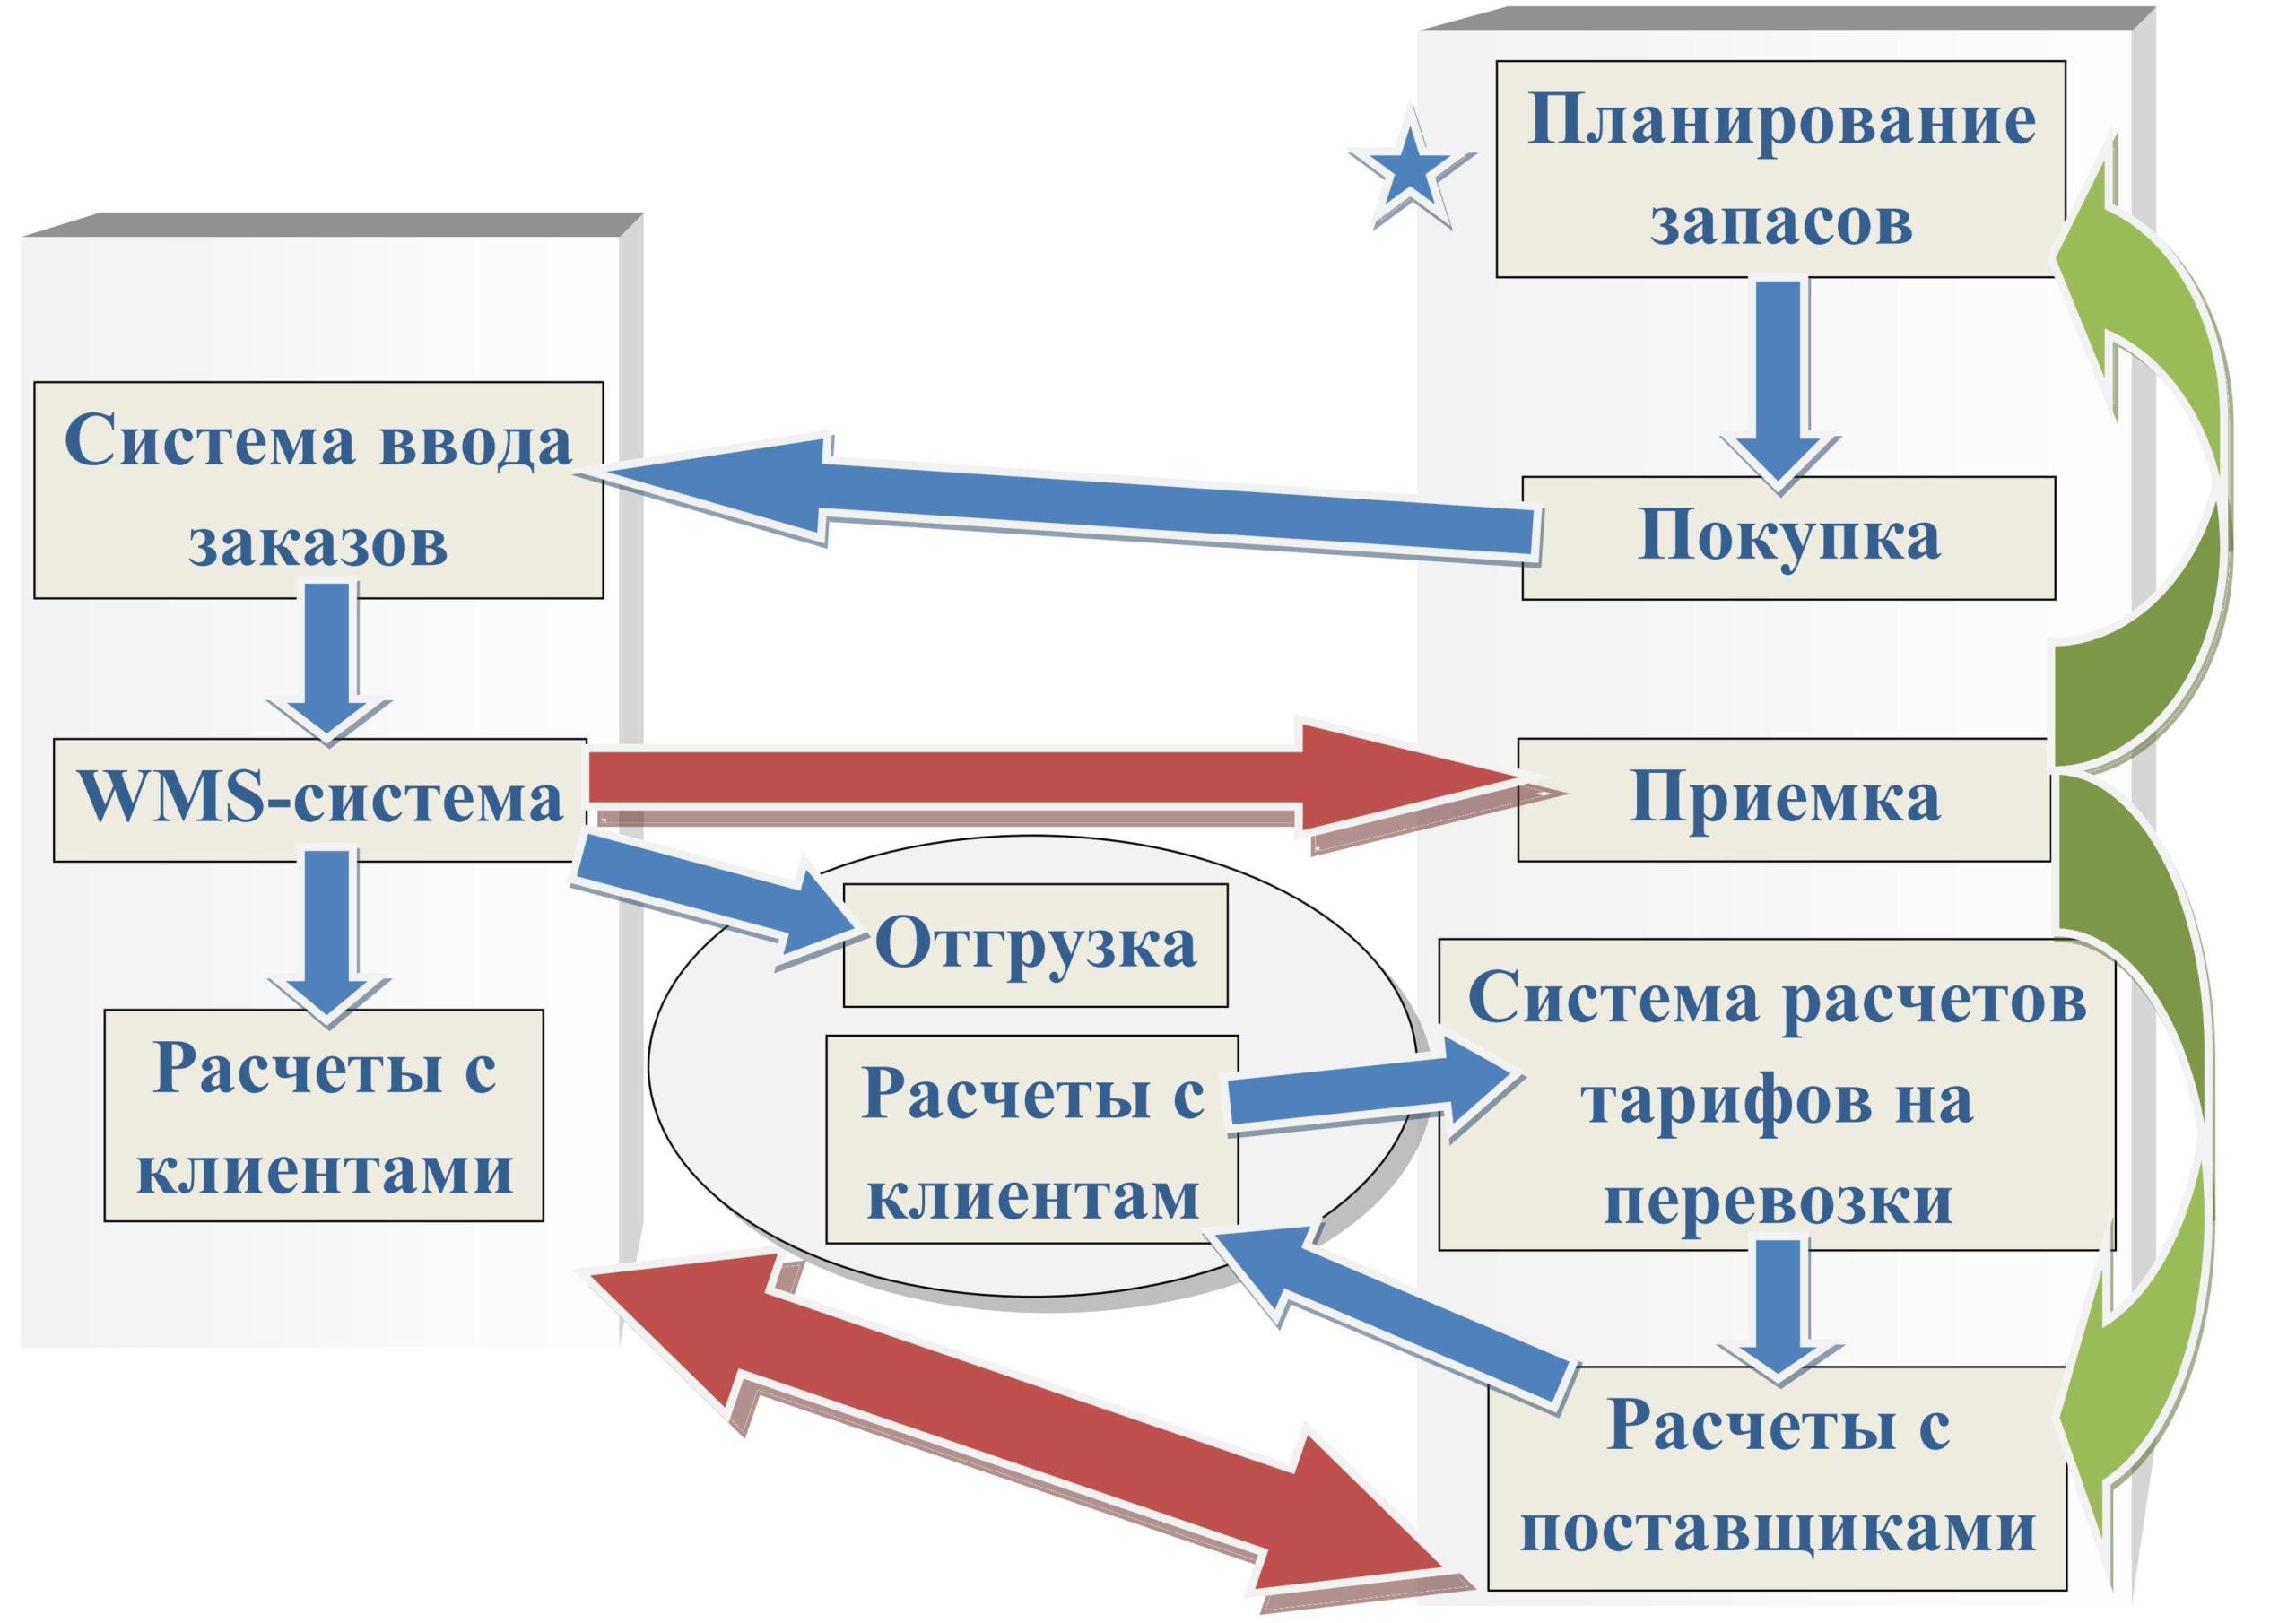 Схема информационного обмена по перевозке груза